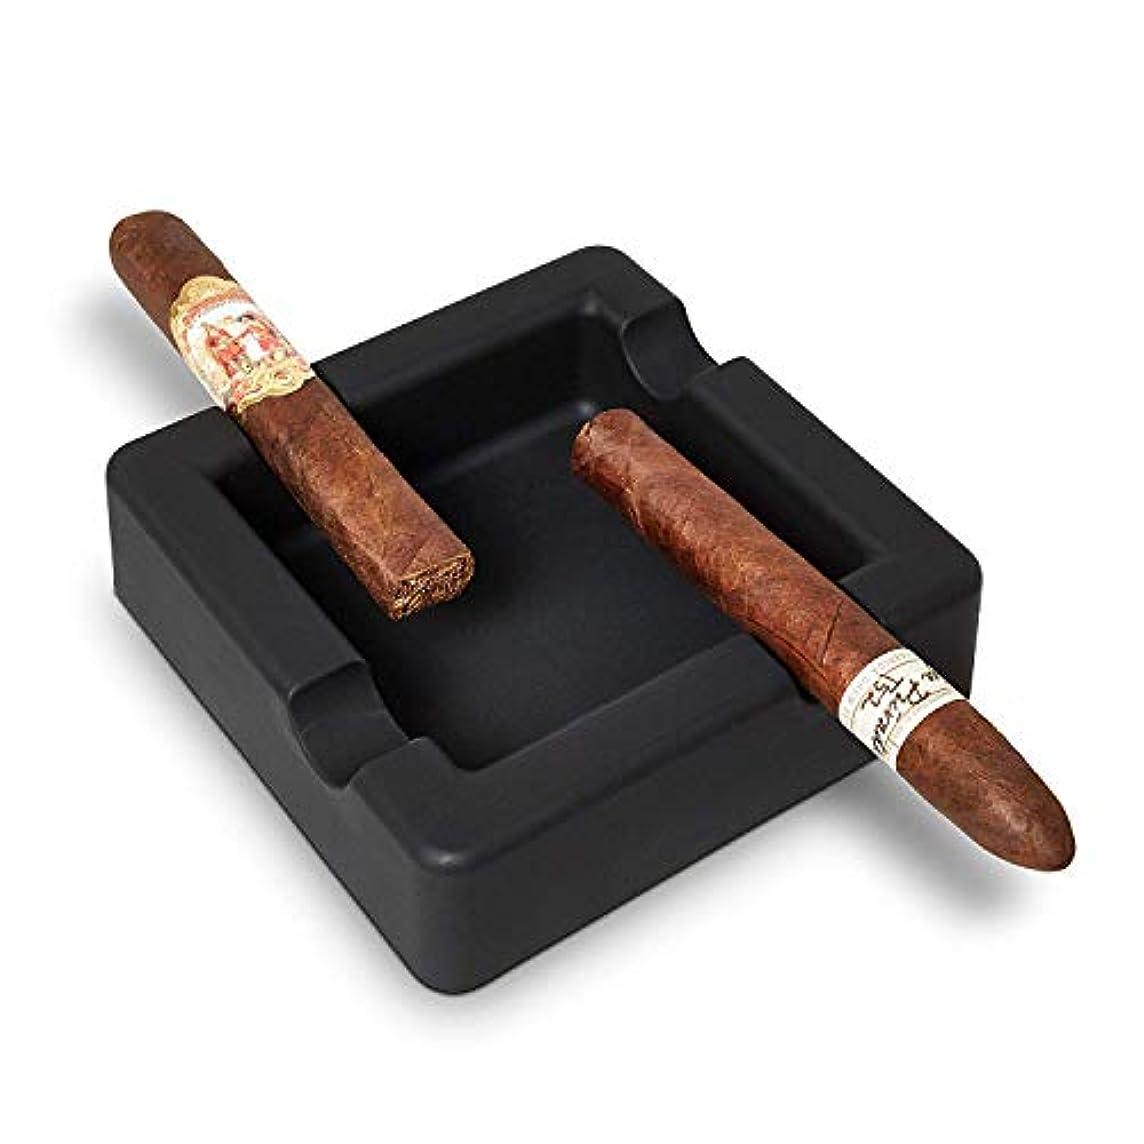 慎重神秘連帯シガー灰皿 - 屋外アンブレイカブルシガー灰皿 - 大ゲージの葉巻をサポート - ワイド棚 - ディープボウル - 葉巻喫煙者のためのシガー喫煙によるデザイン - パティオプールボートのための事務所柔軟なシリコーン